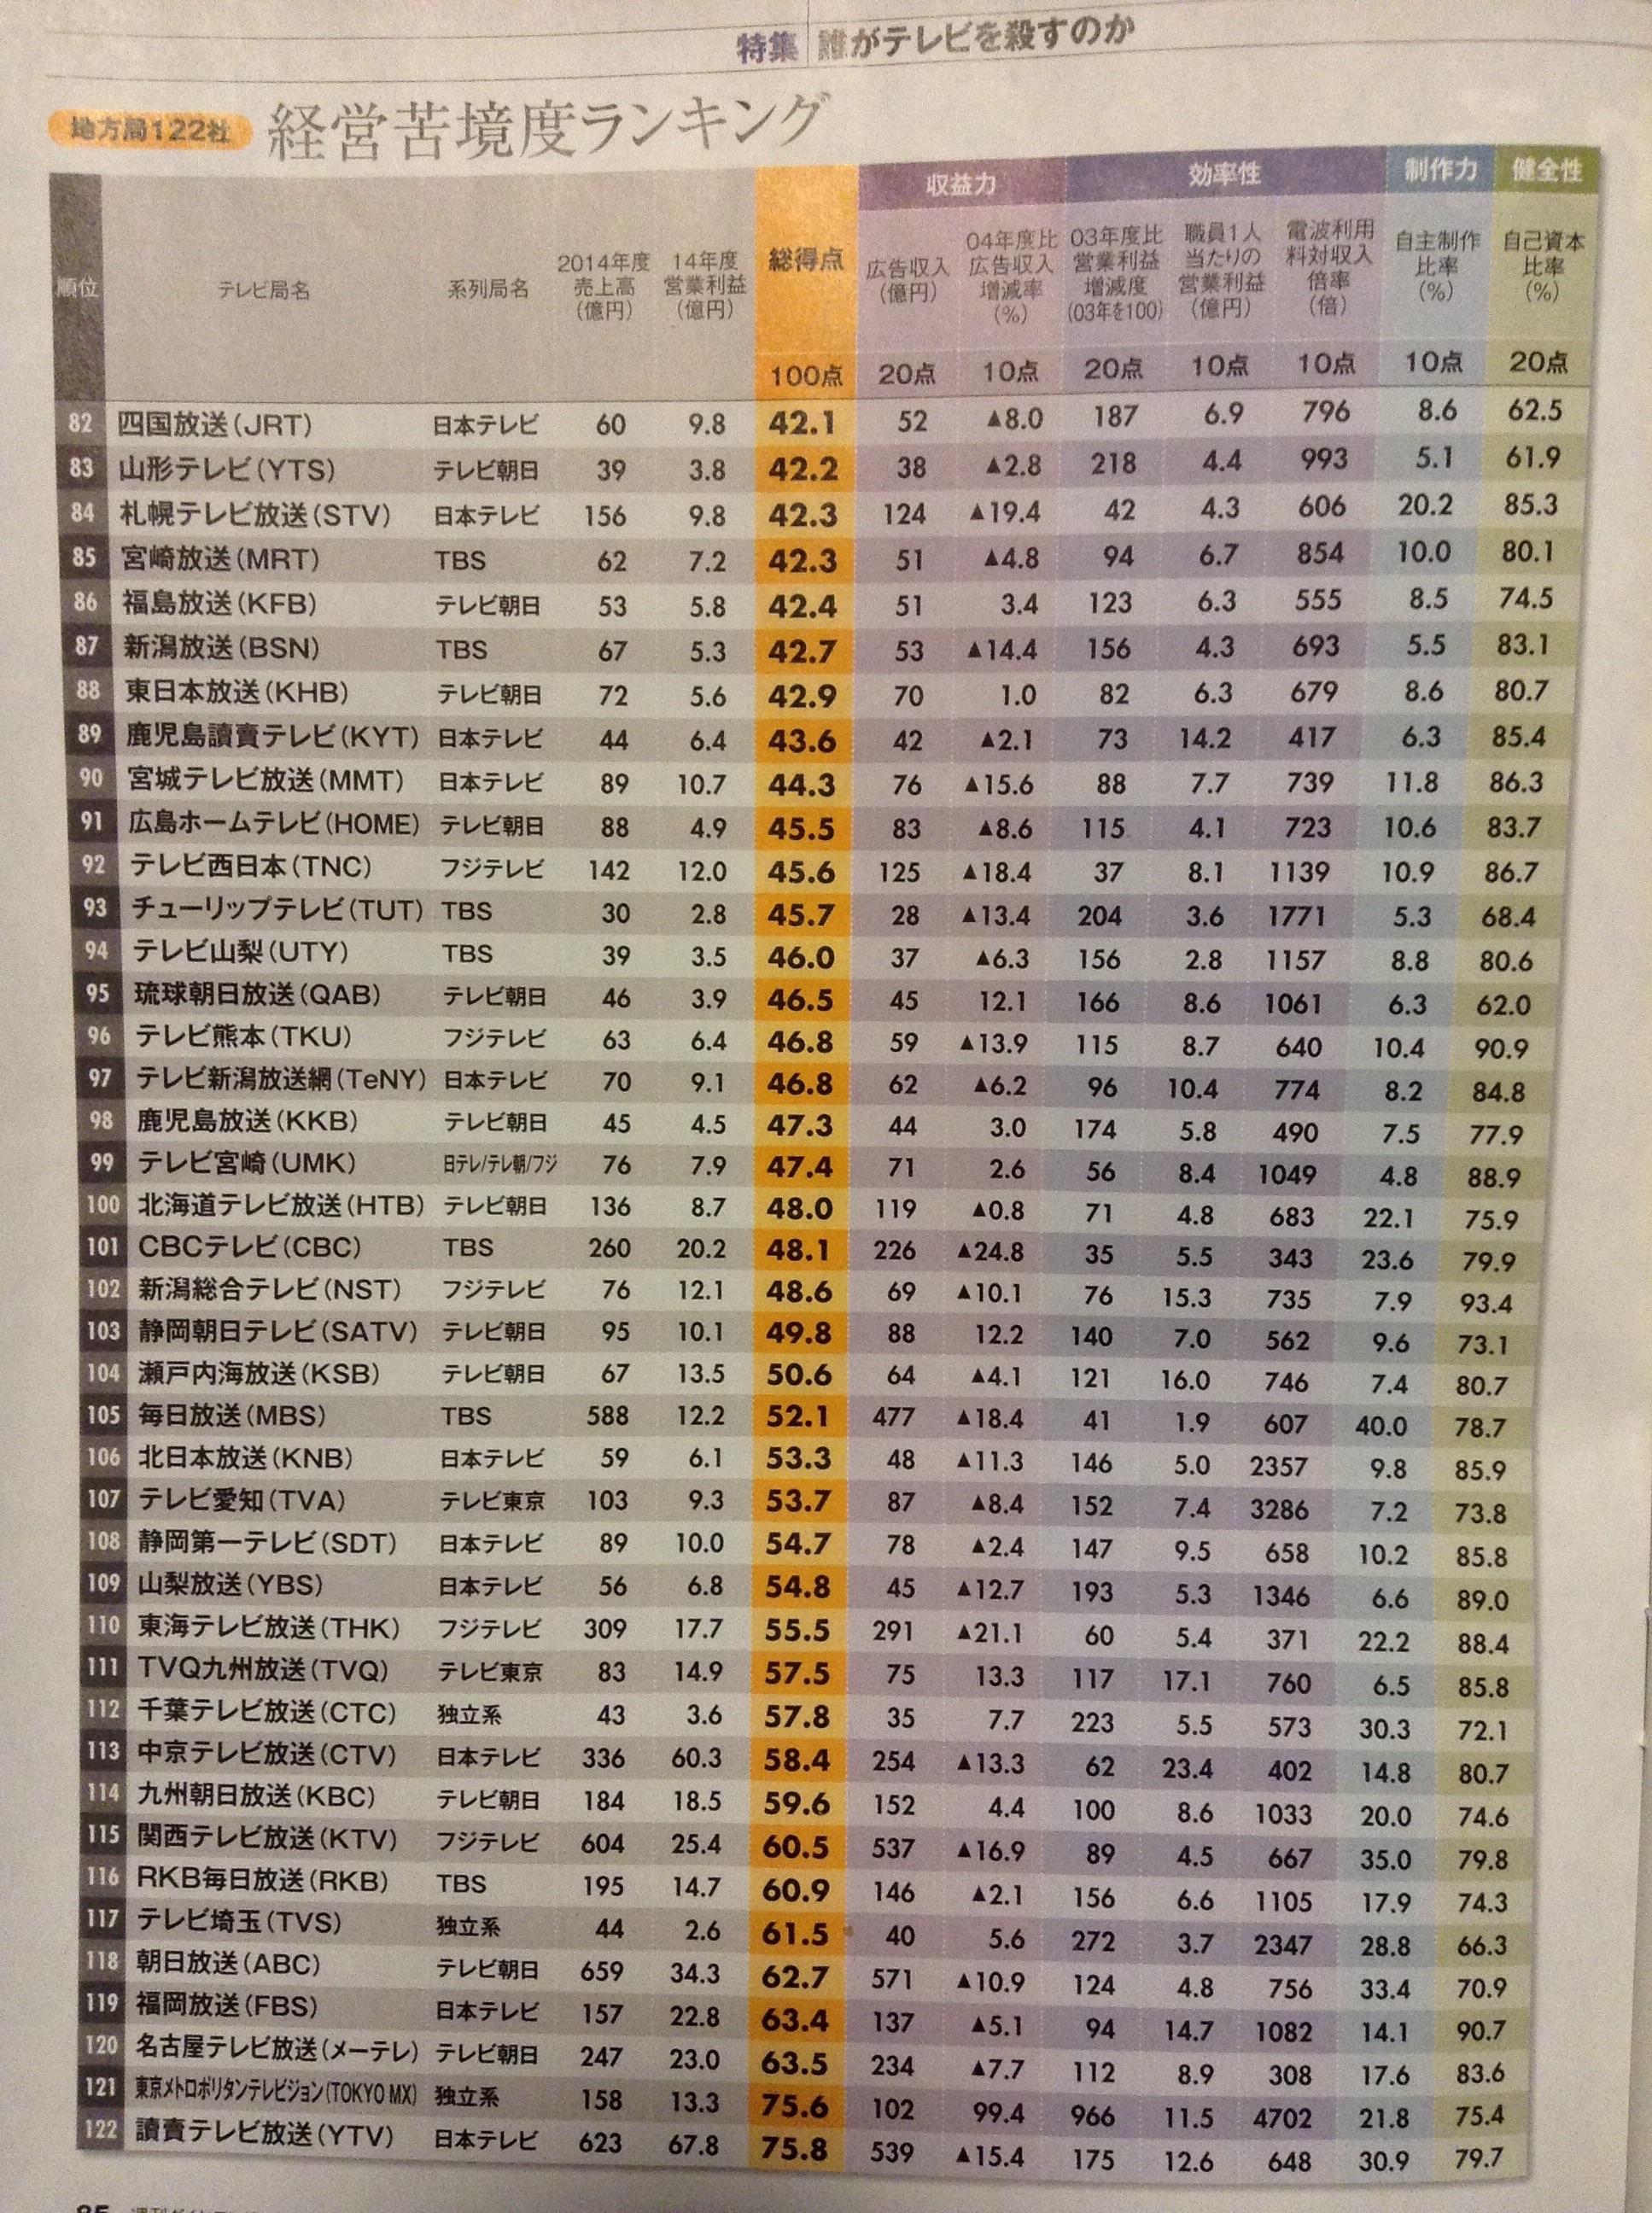 中核市で一番栄えているのは?4 人気上昇中那覇 [無断転載禁止]©2ch.net YouTube動画>7本 ->画像>171枚